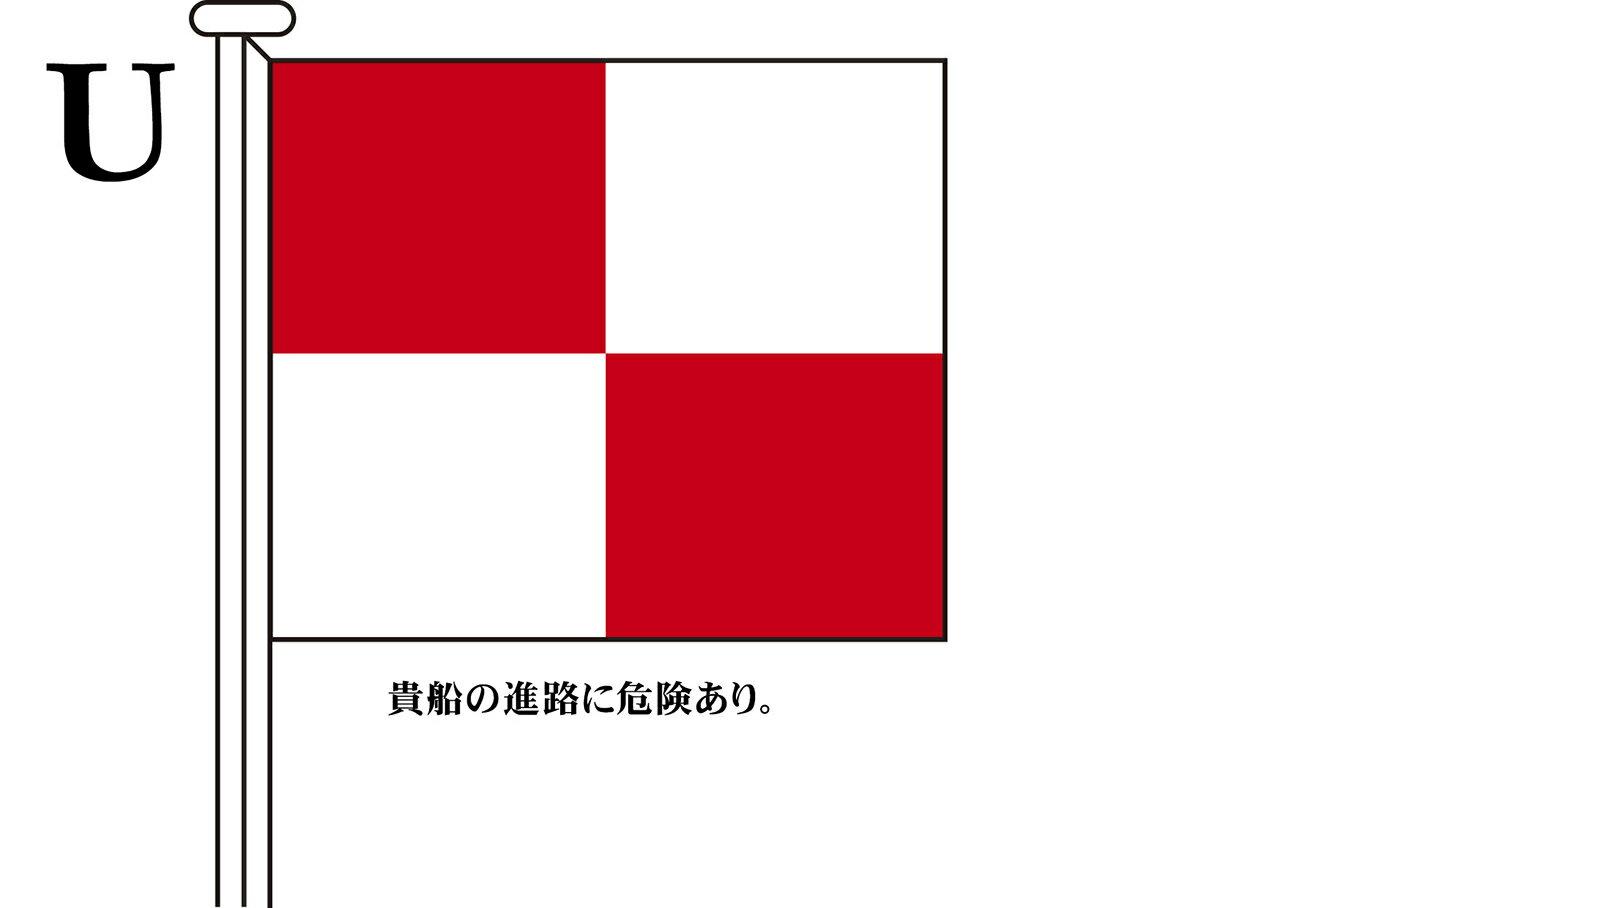 国際信号旗 文字旗 Alphabetical Flags【U】[ヨット用:30×39cm・木綿]